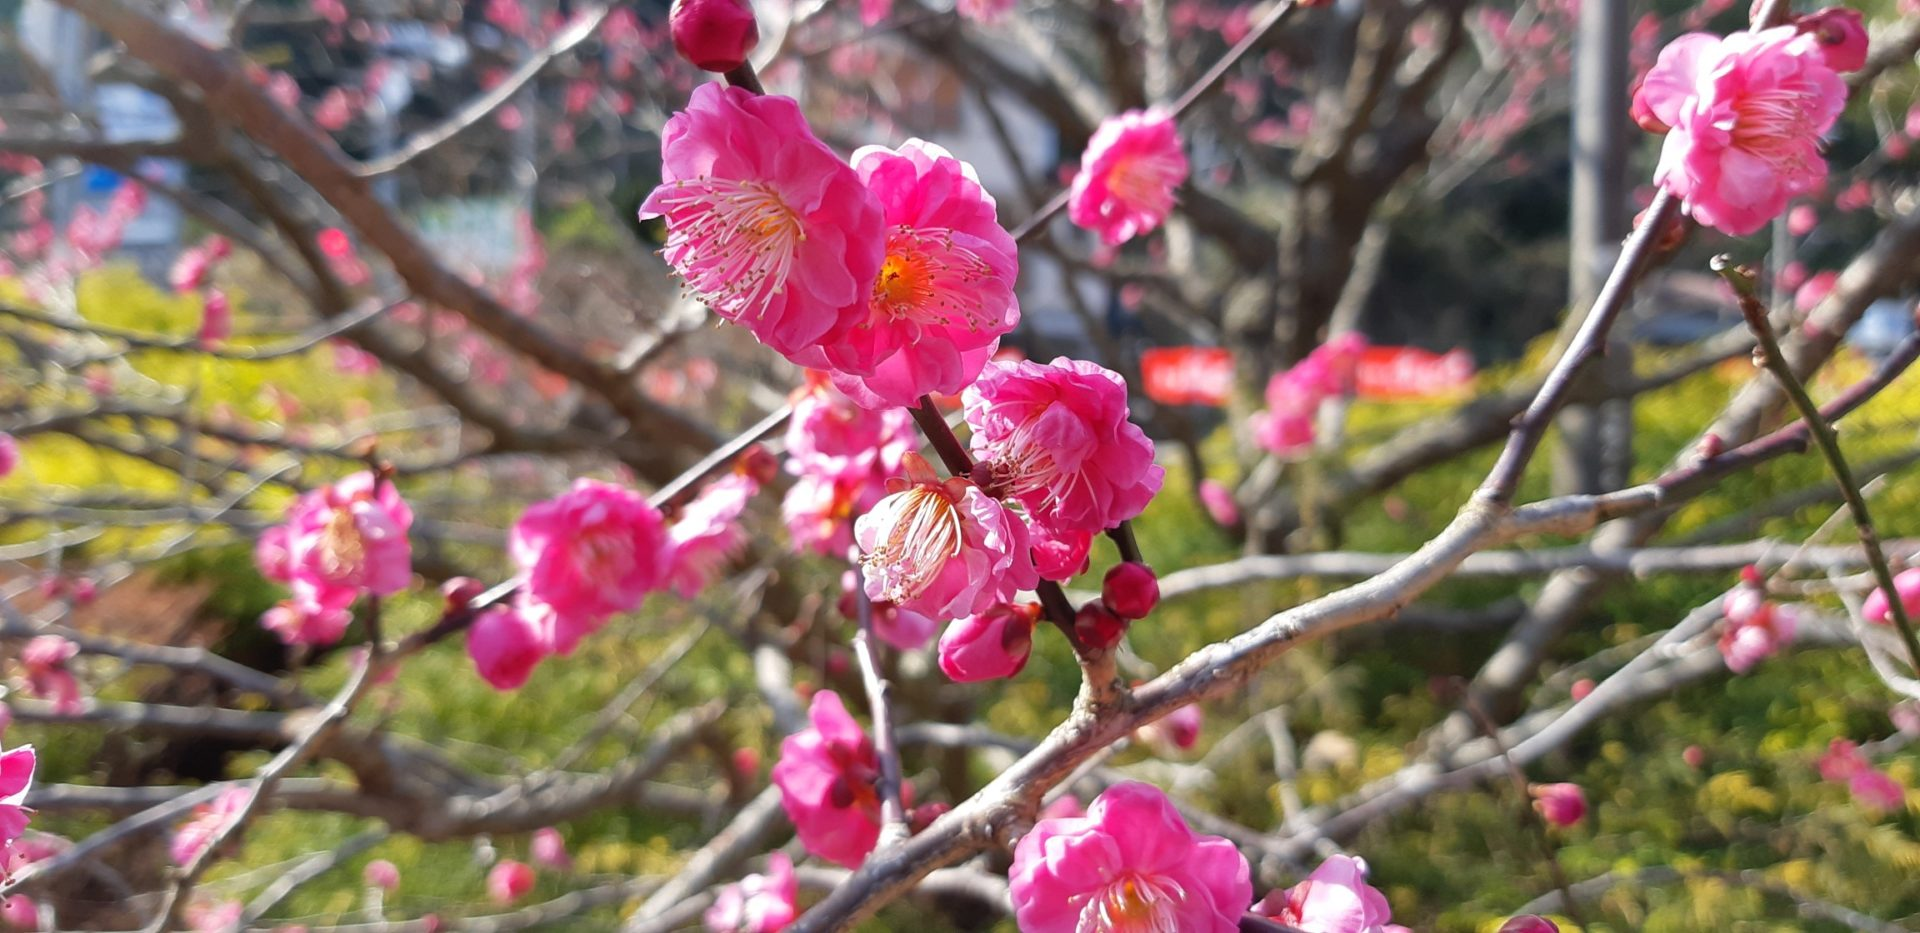 早咲き種が、そろそろ見ごろの『熱海梅園梅まつり』1月25日